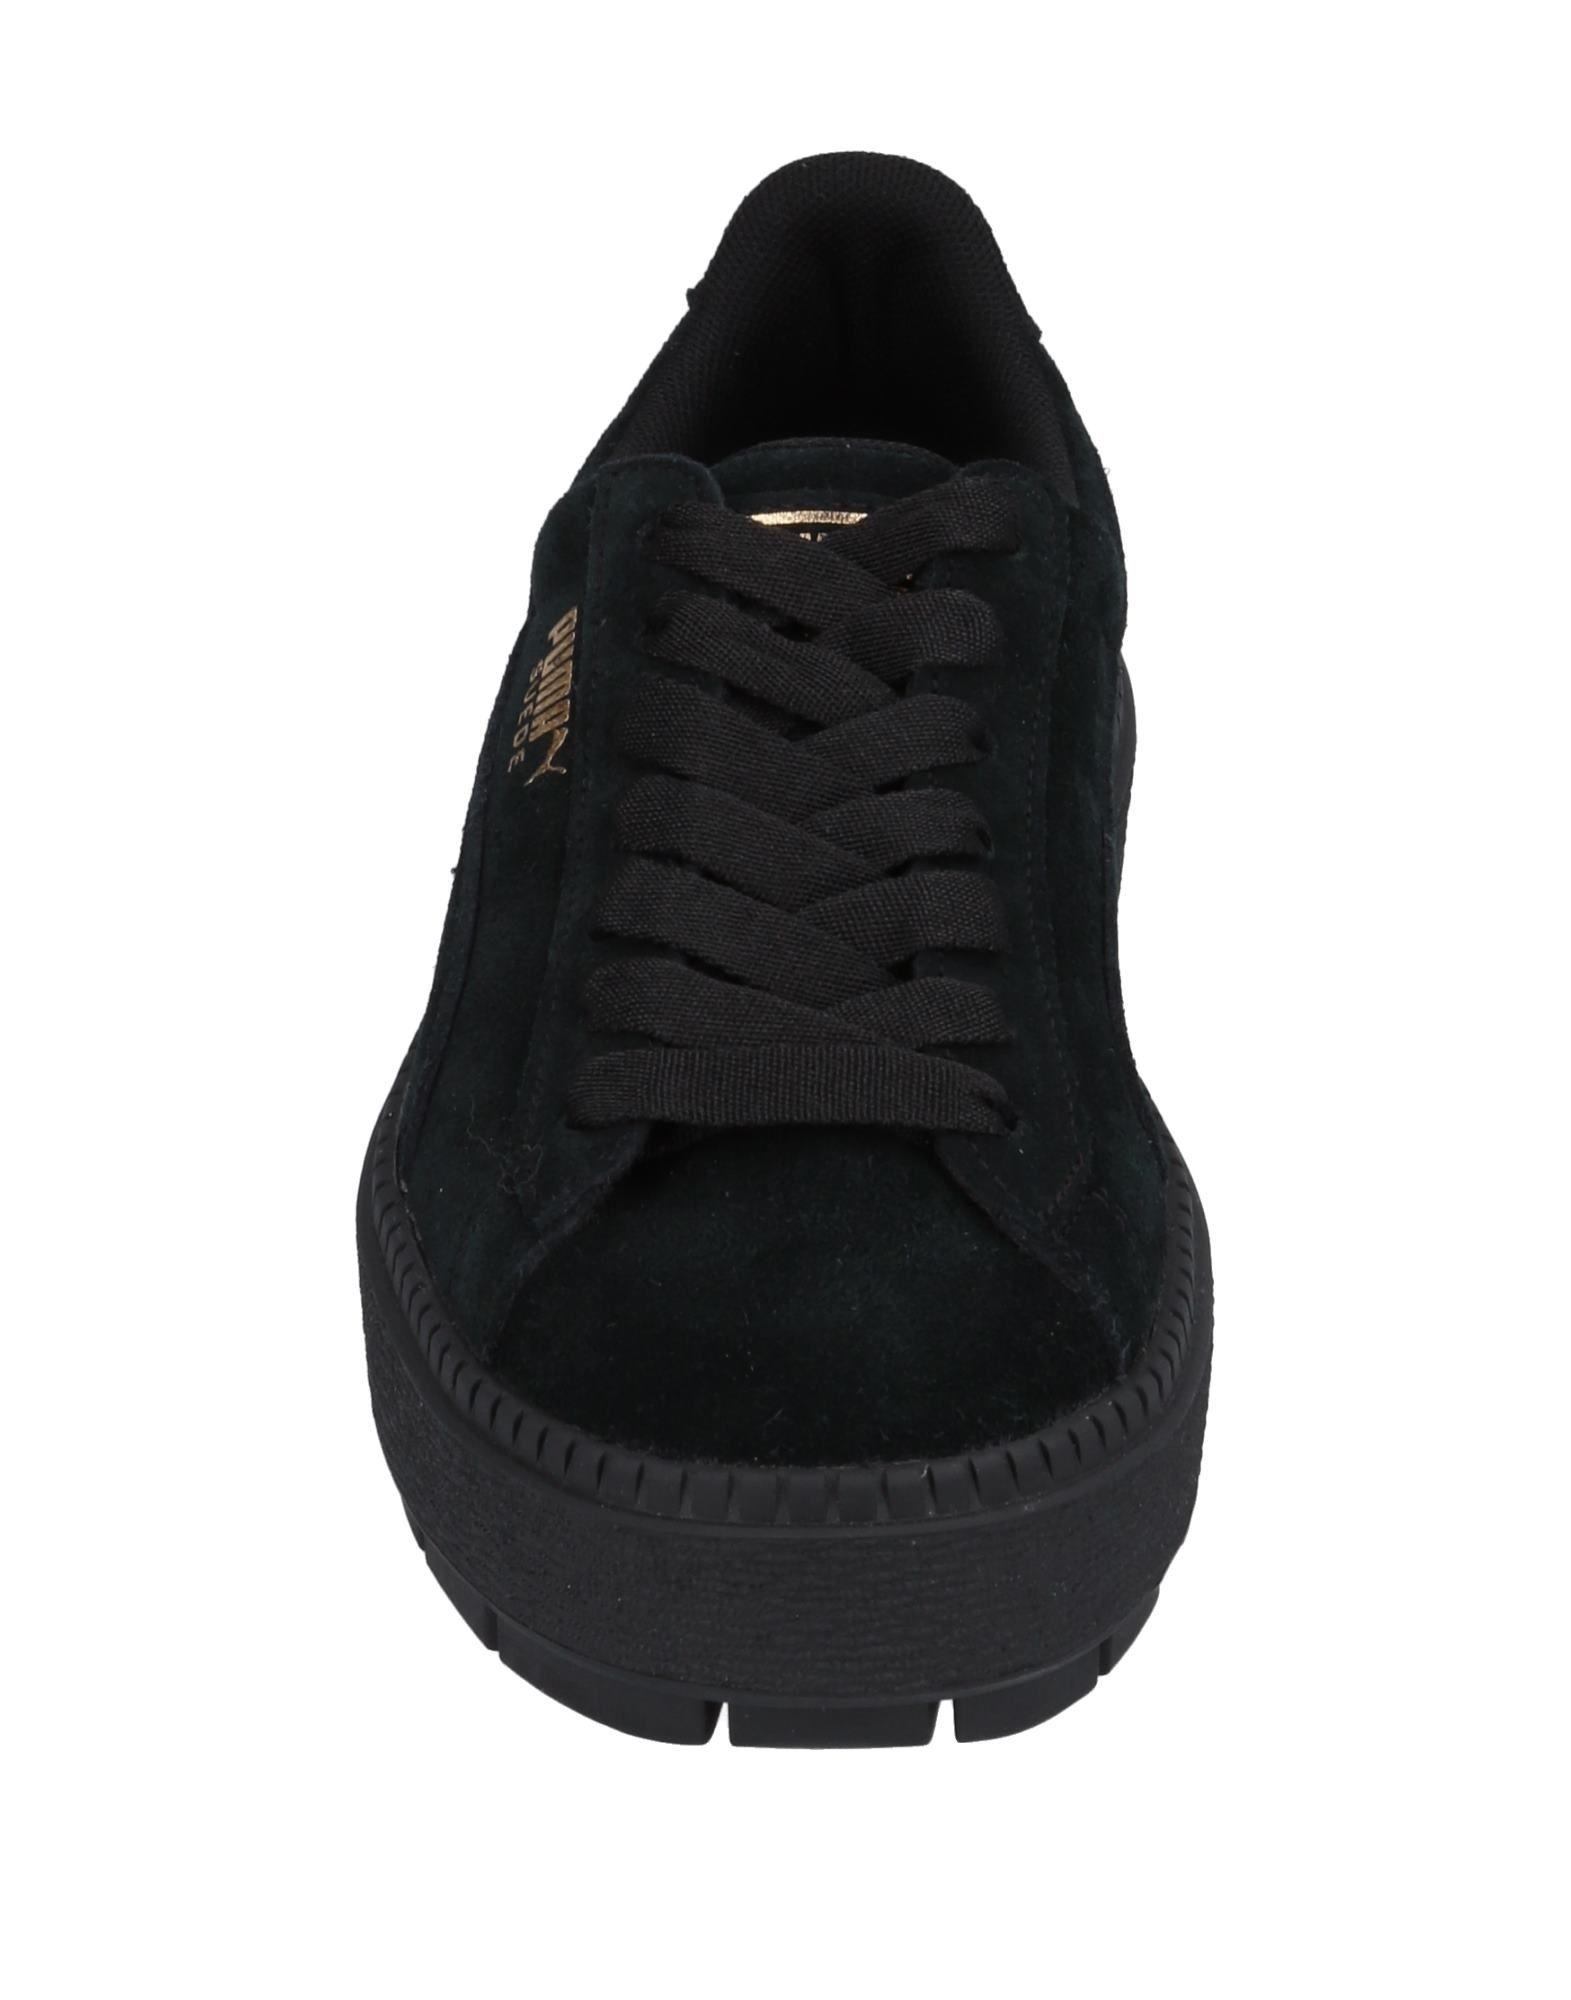 Puma Sneakers - Women Women Women Puma Sneakers online on  United Kingdom - 11559514PP 36296f